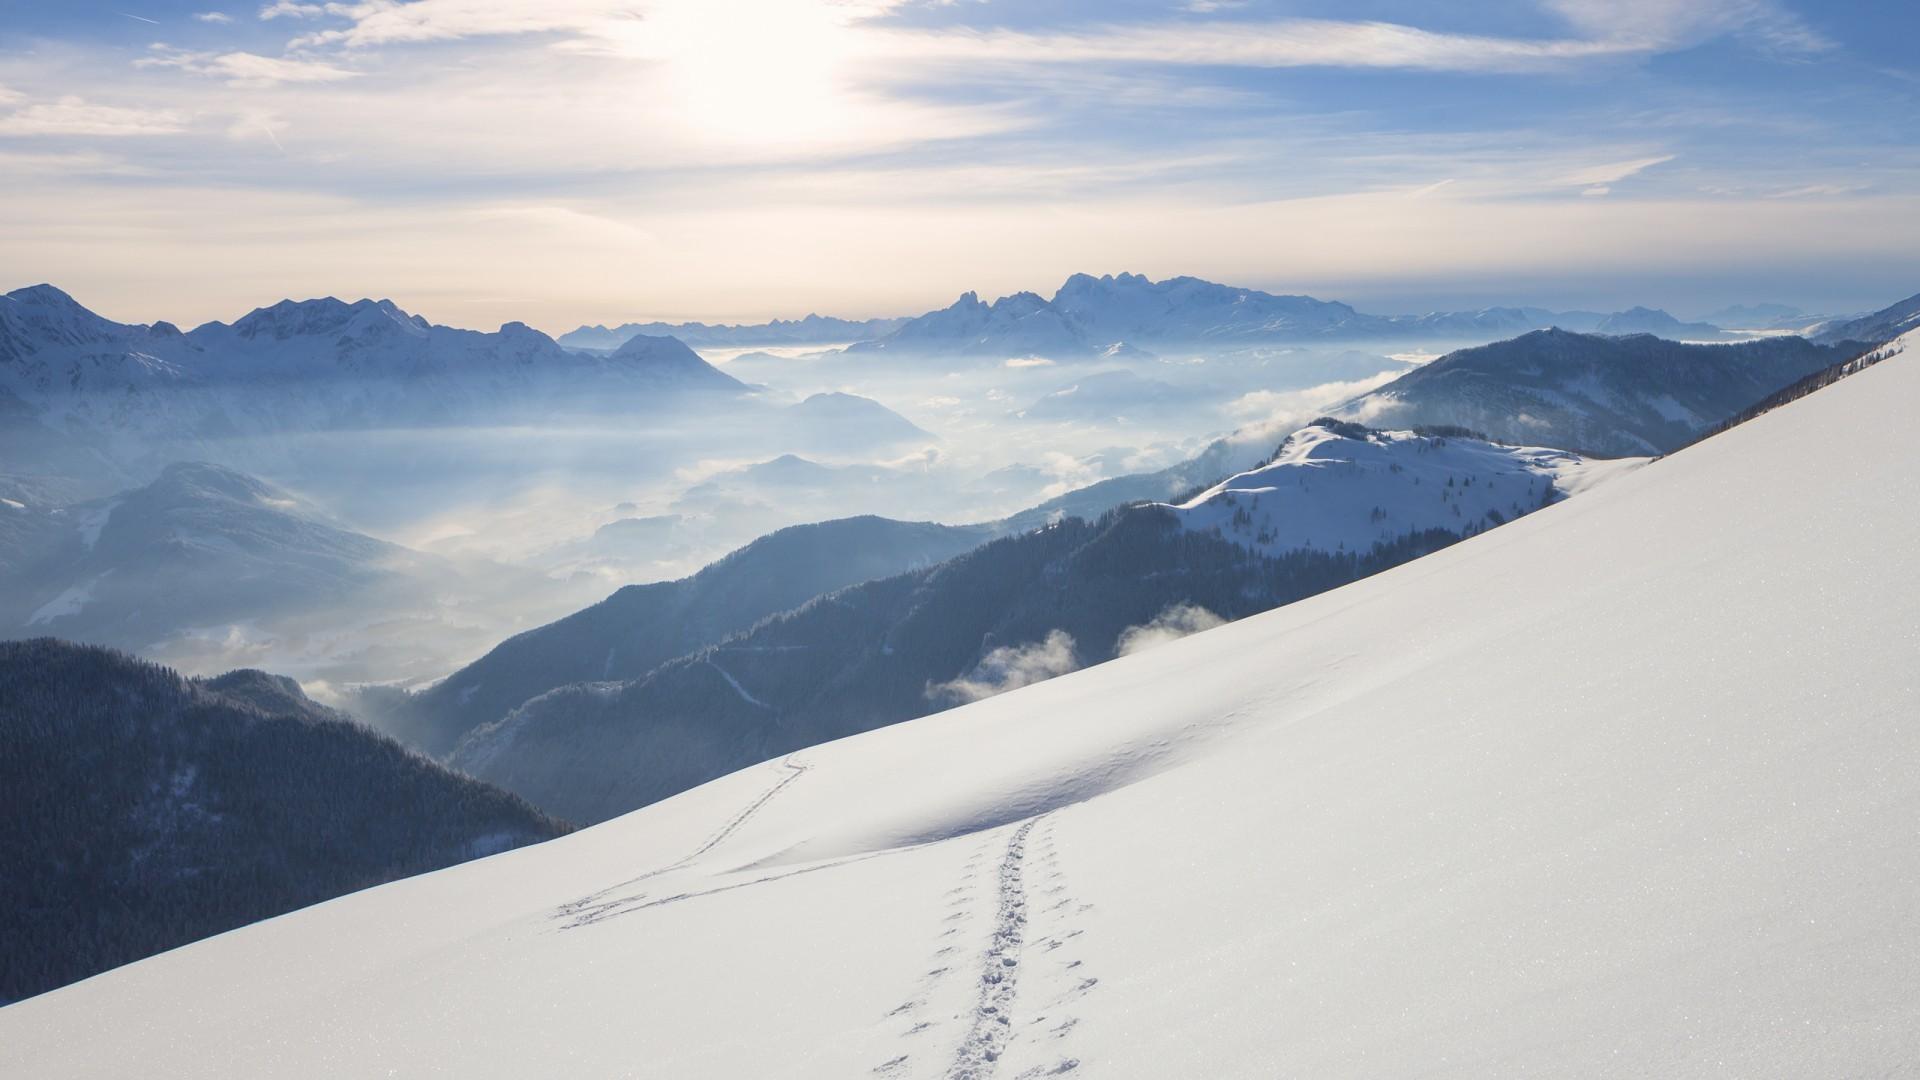 Snow Mountains Windows 10